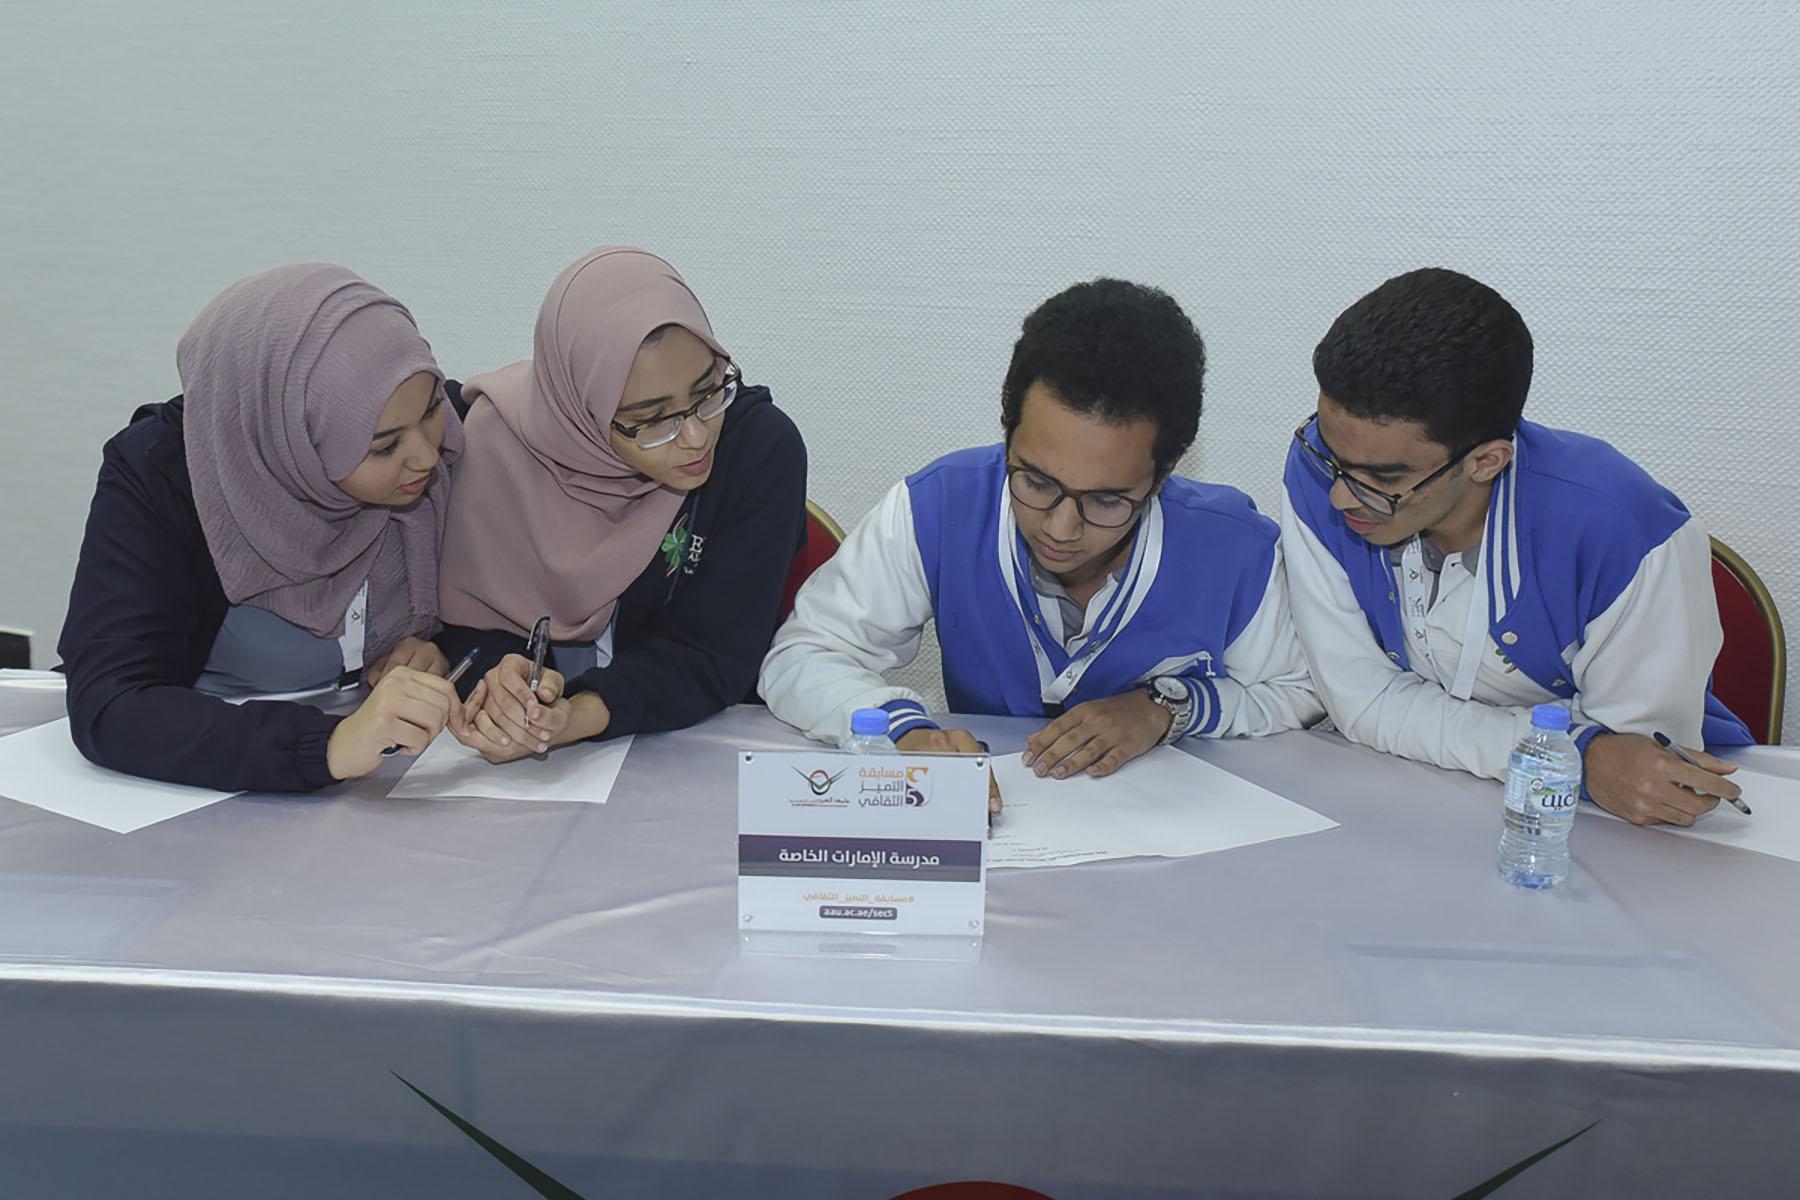 Fourth Day (Emirates Private School VS Al Yahar Private School)